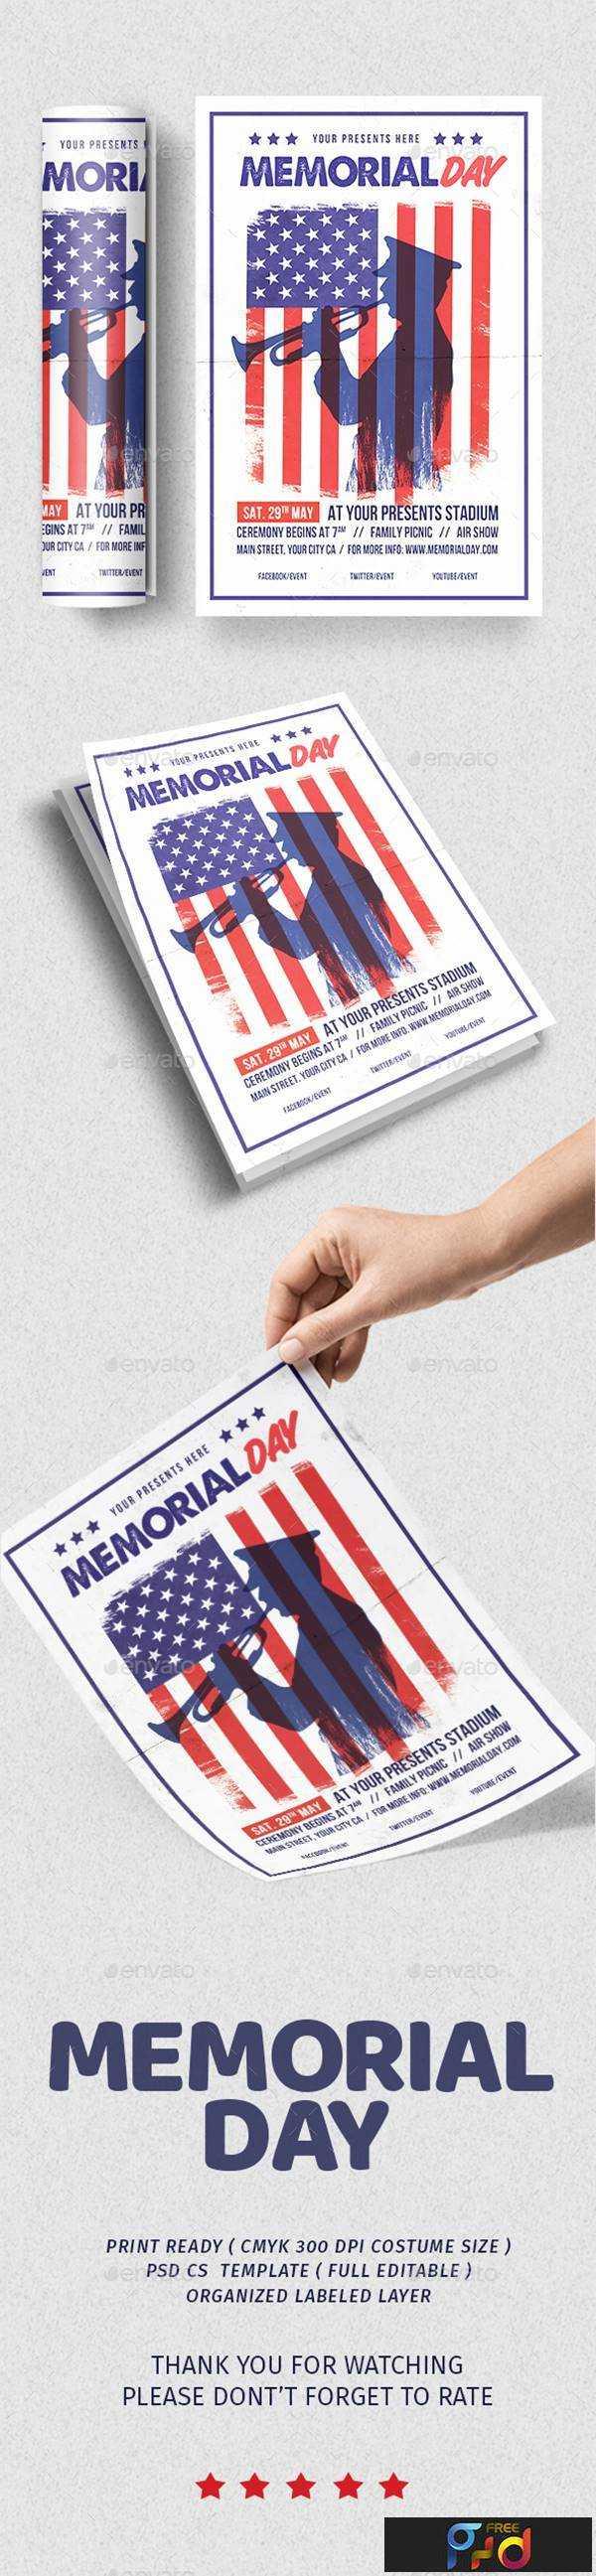 1806108 Memorial Day Flyer 21957189 1